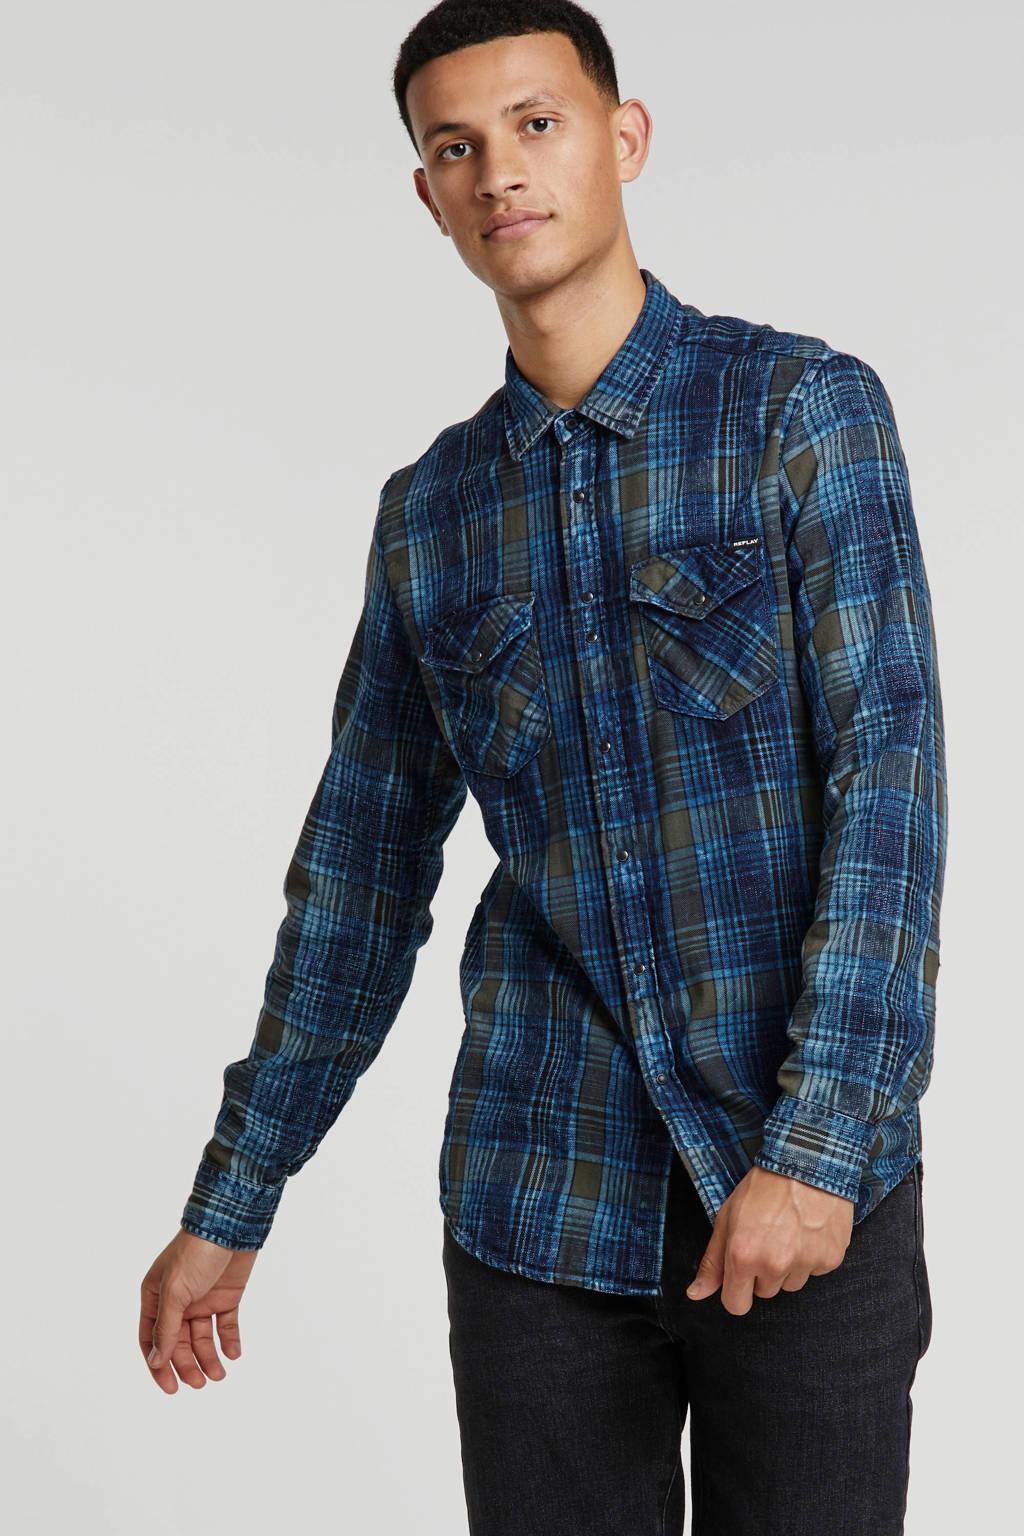 REPLAY geruit regular fit overhemd donkerblauw, Donkerblauw